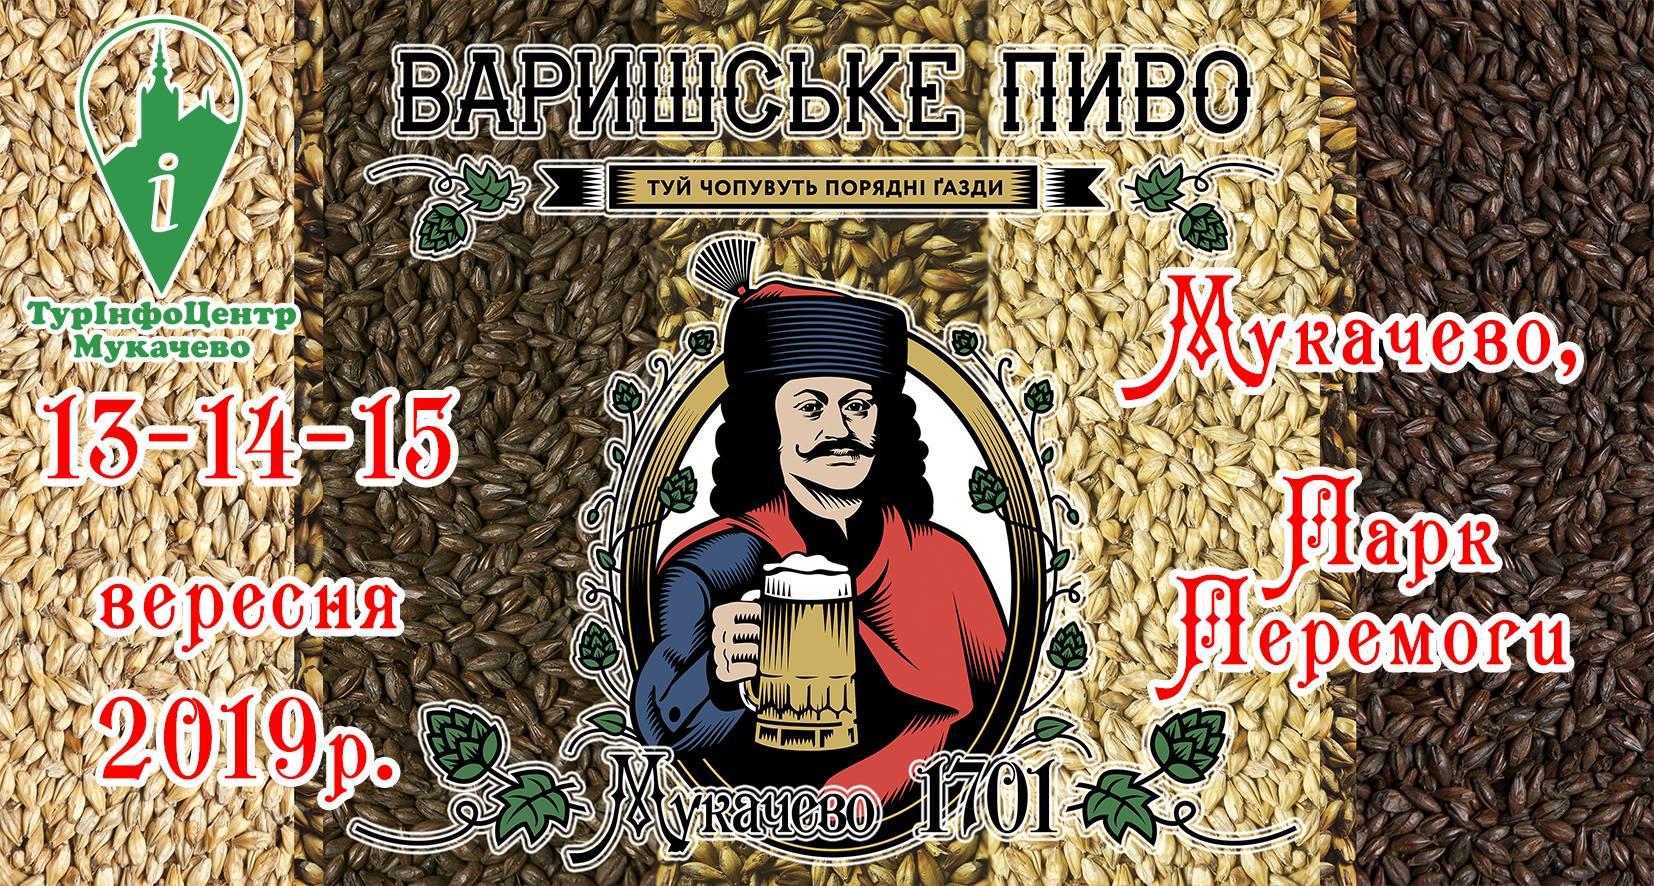 Фестиваль пива в Мукачево – Варишське пиво 2019